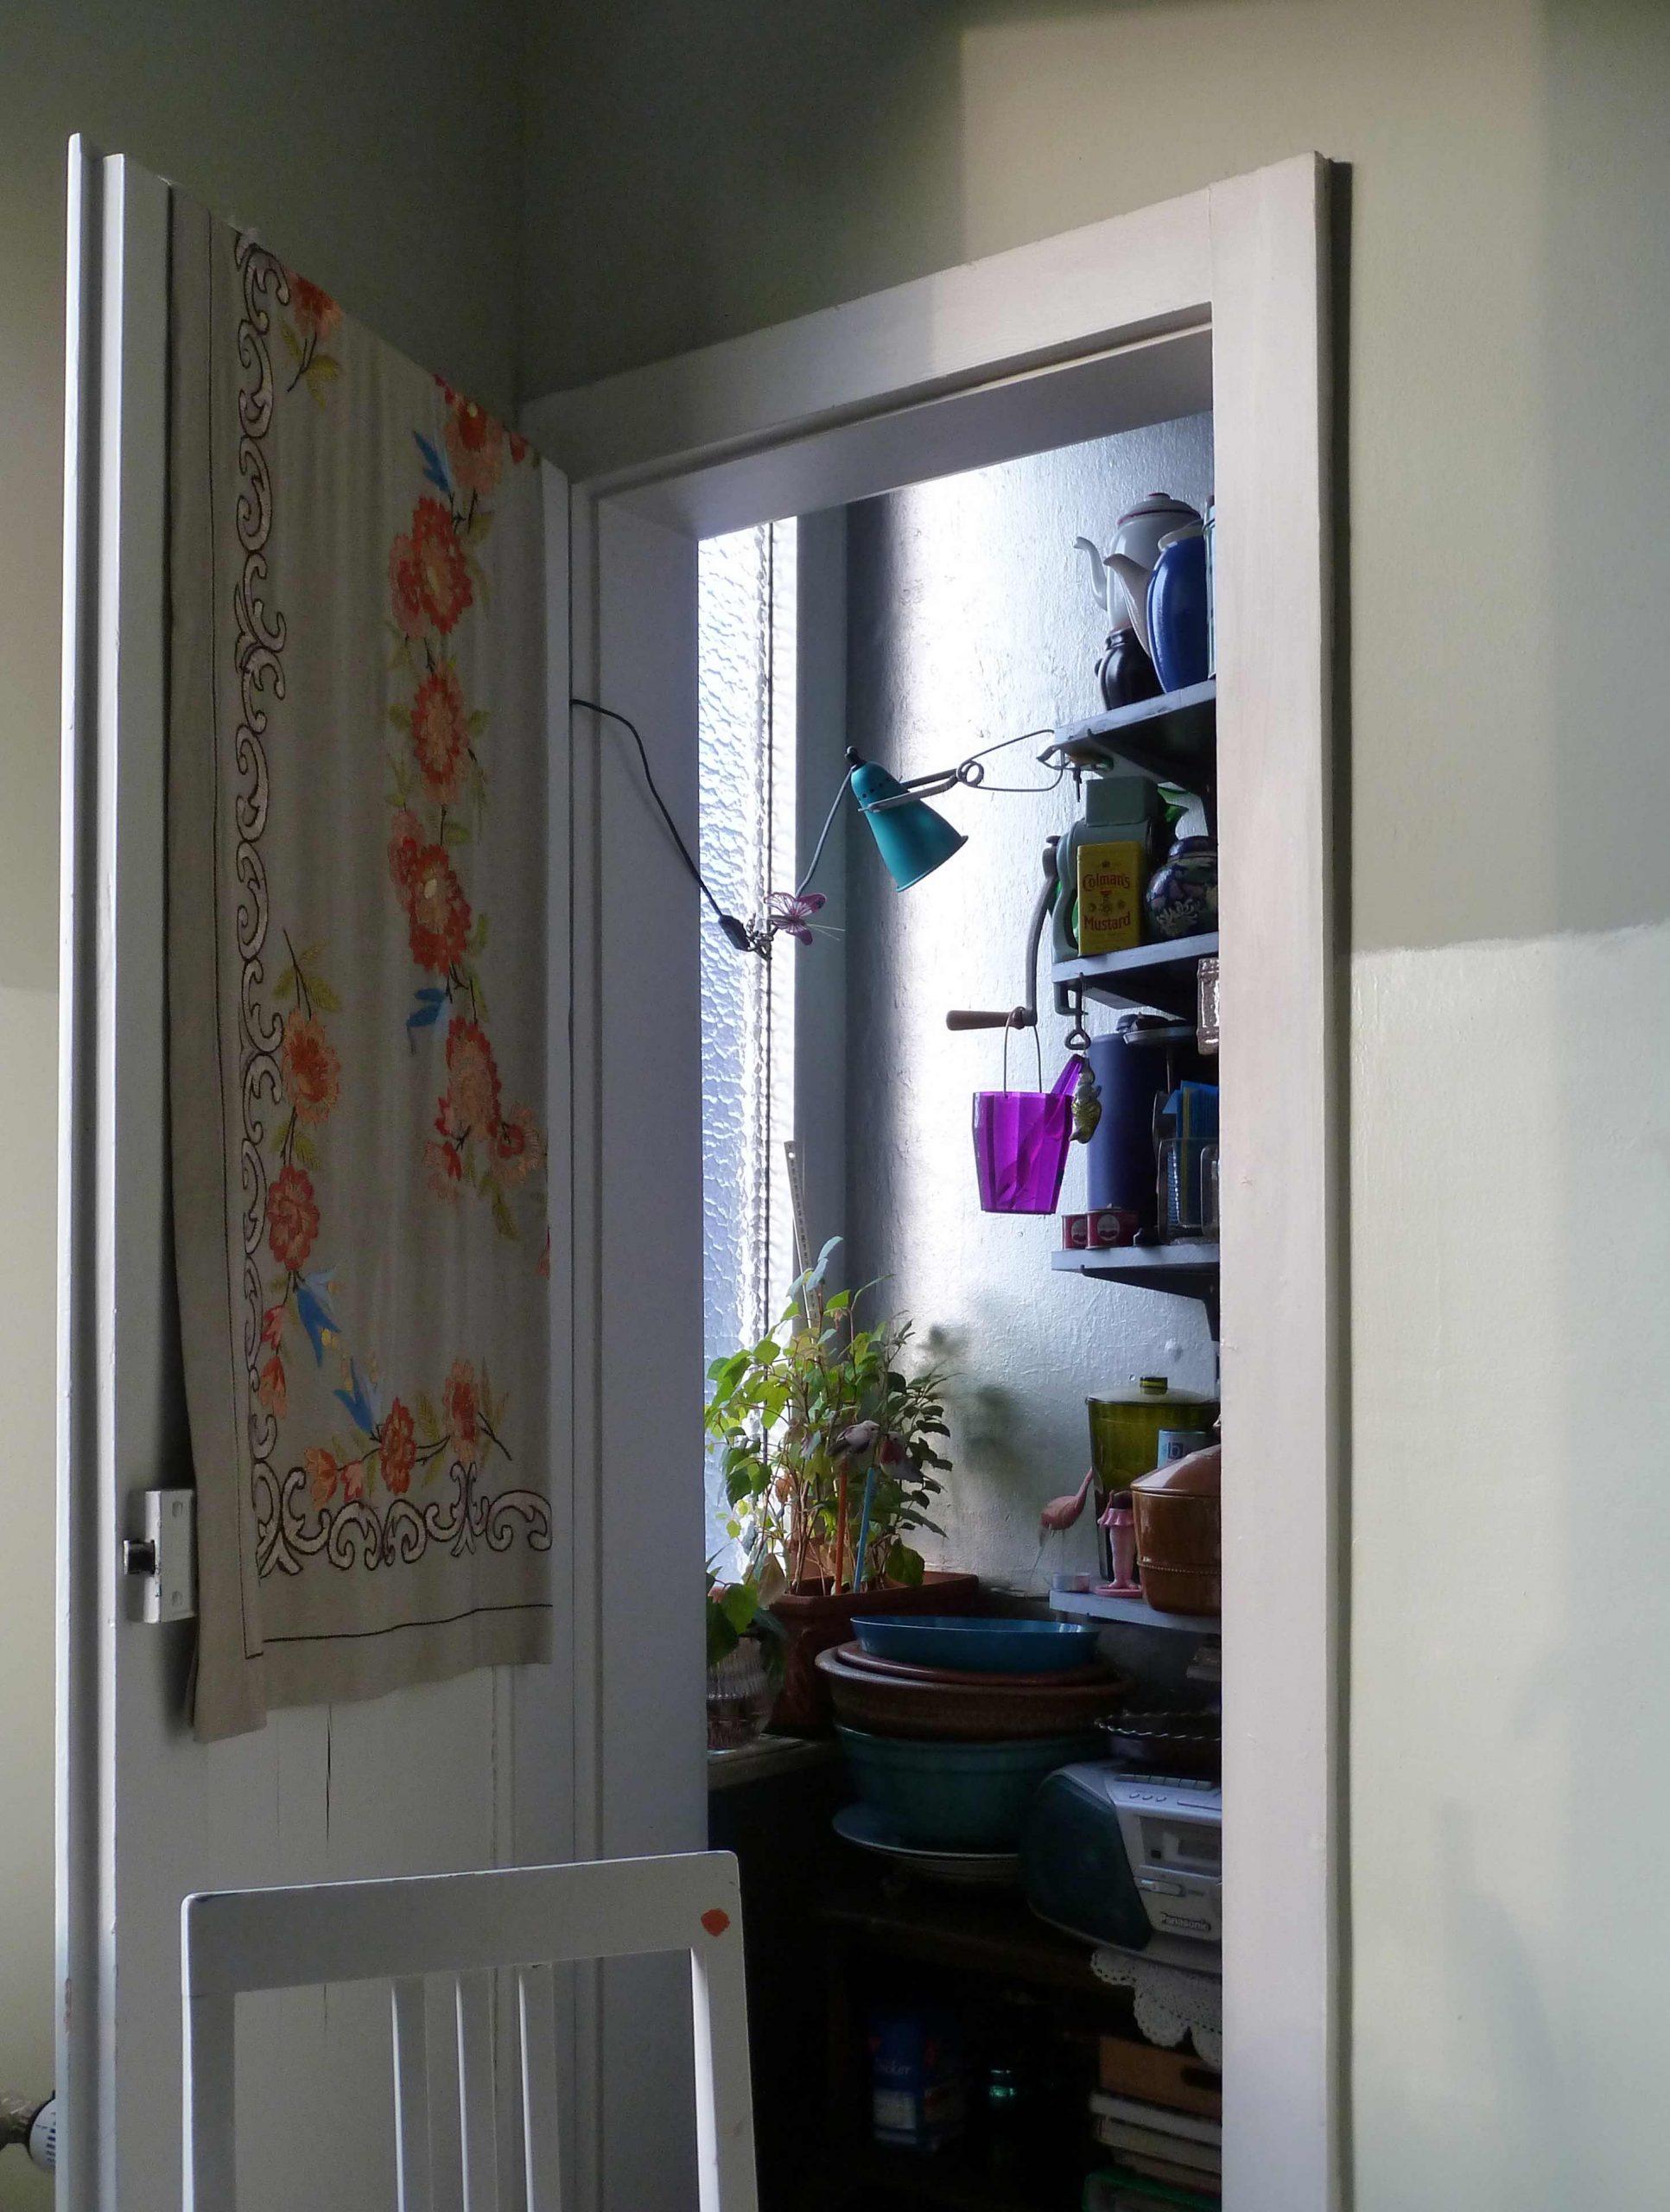 Offene kleine Tür zur Speisekammer, vorne ein Stuhl